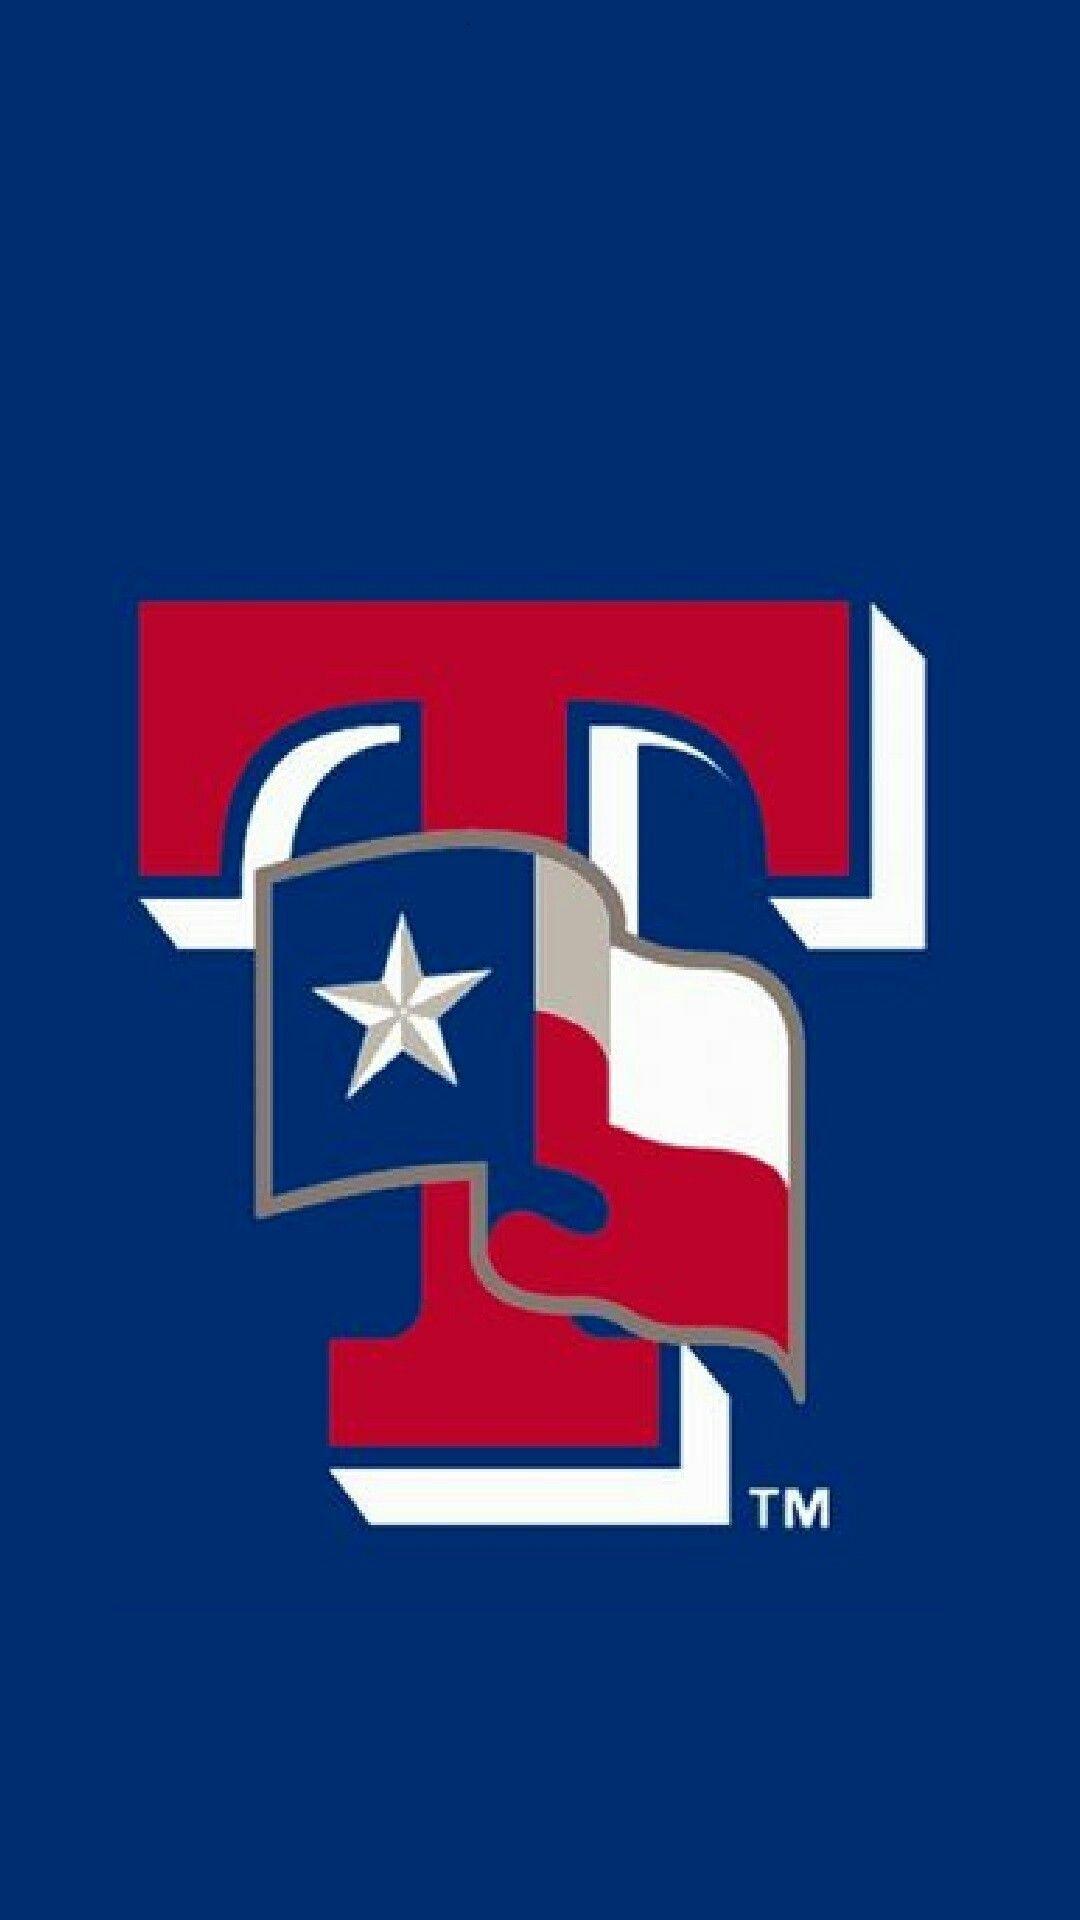 Texas Rangers In 2020 Texas Rangers Logo Texas Rangers Texas Rangers Baseball